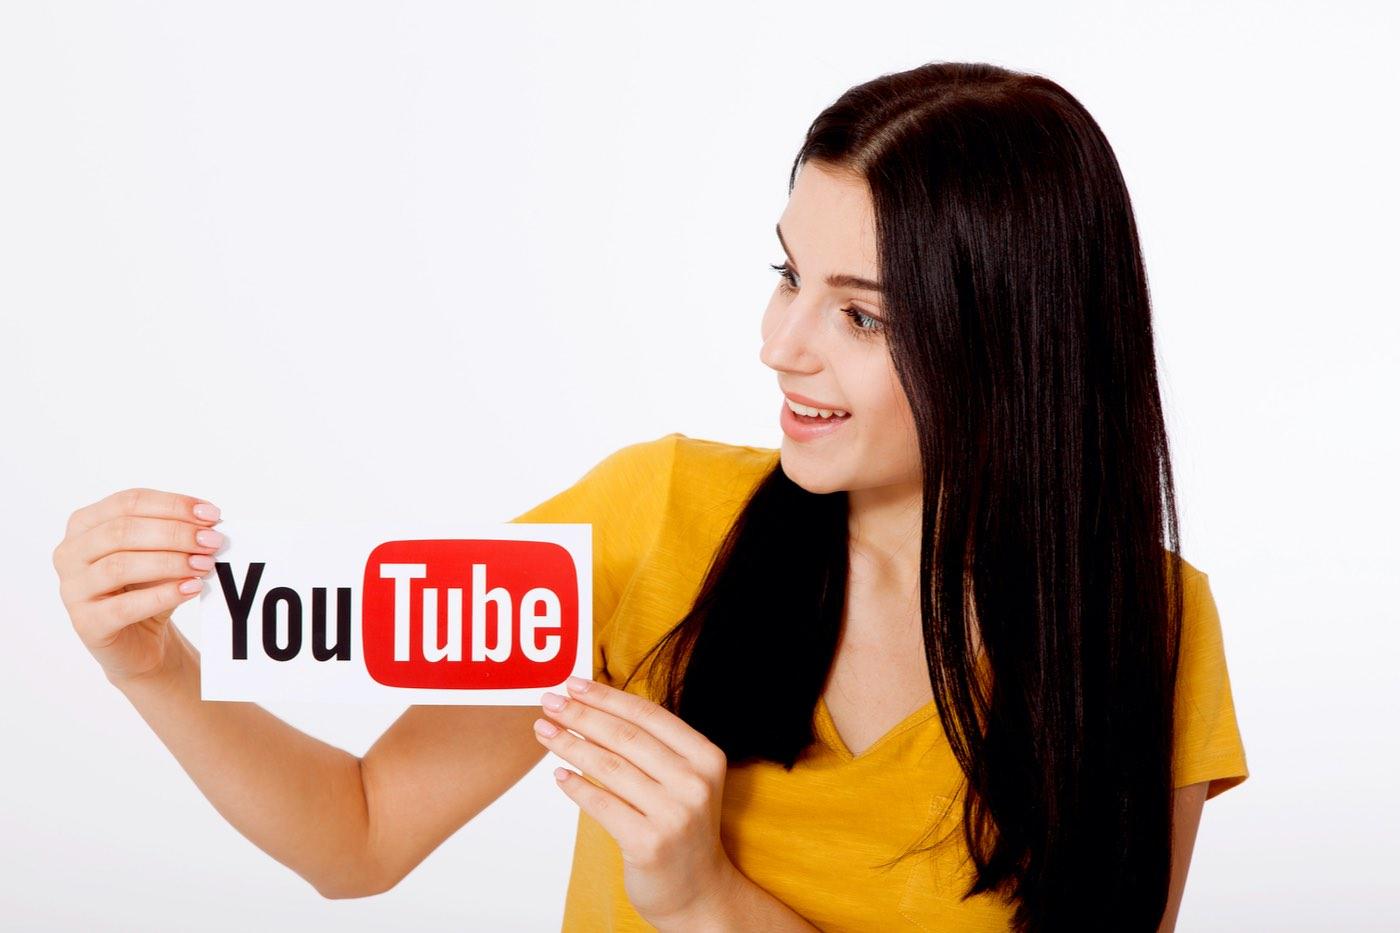 Si estos pasos, y podrás terminar ganando dinero o convirtiéndote en la próxima estrella de YouTube